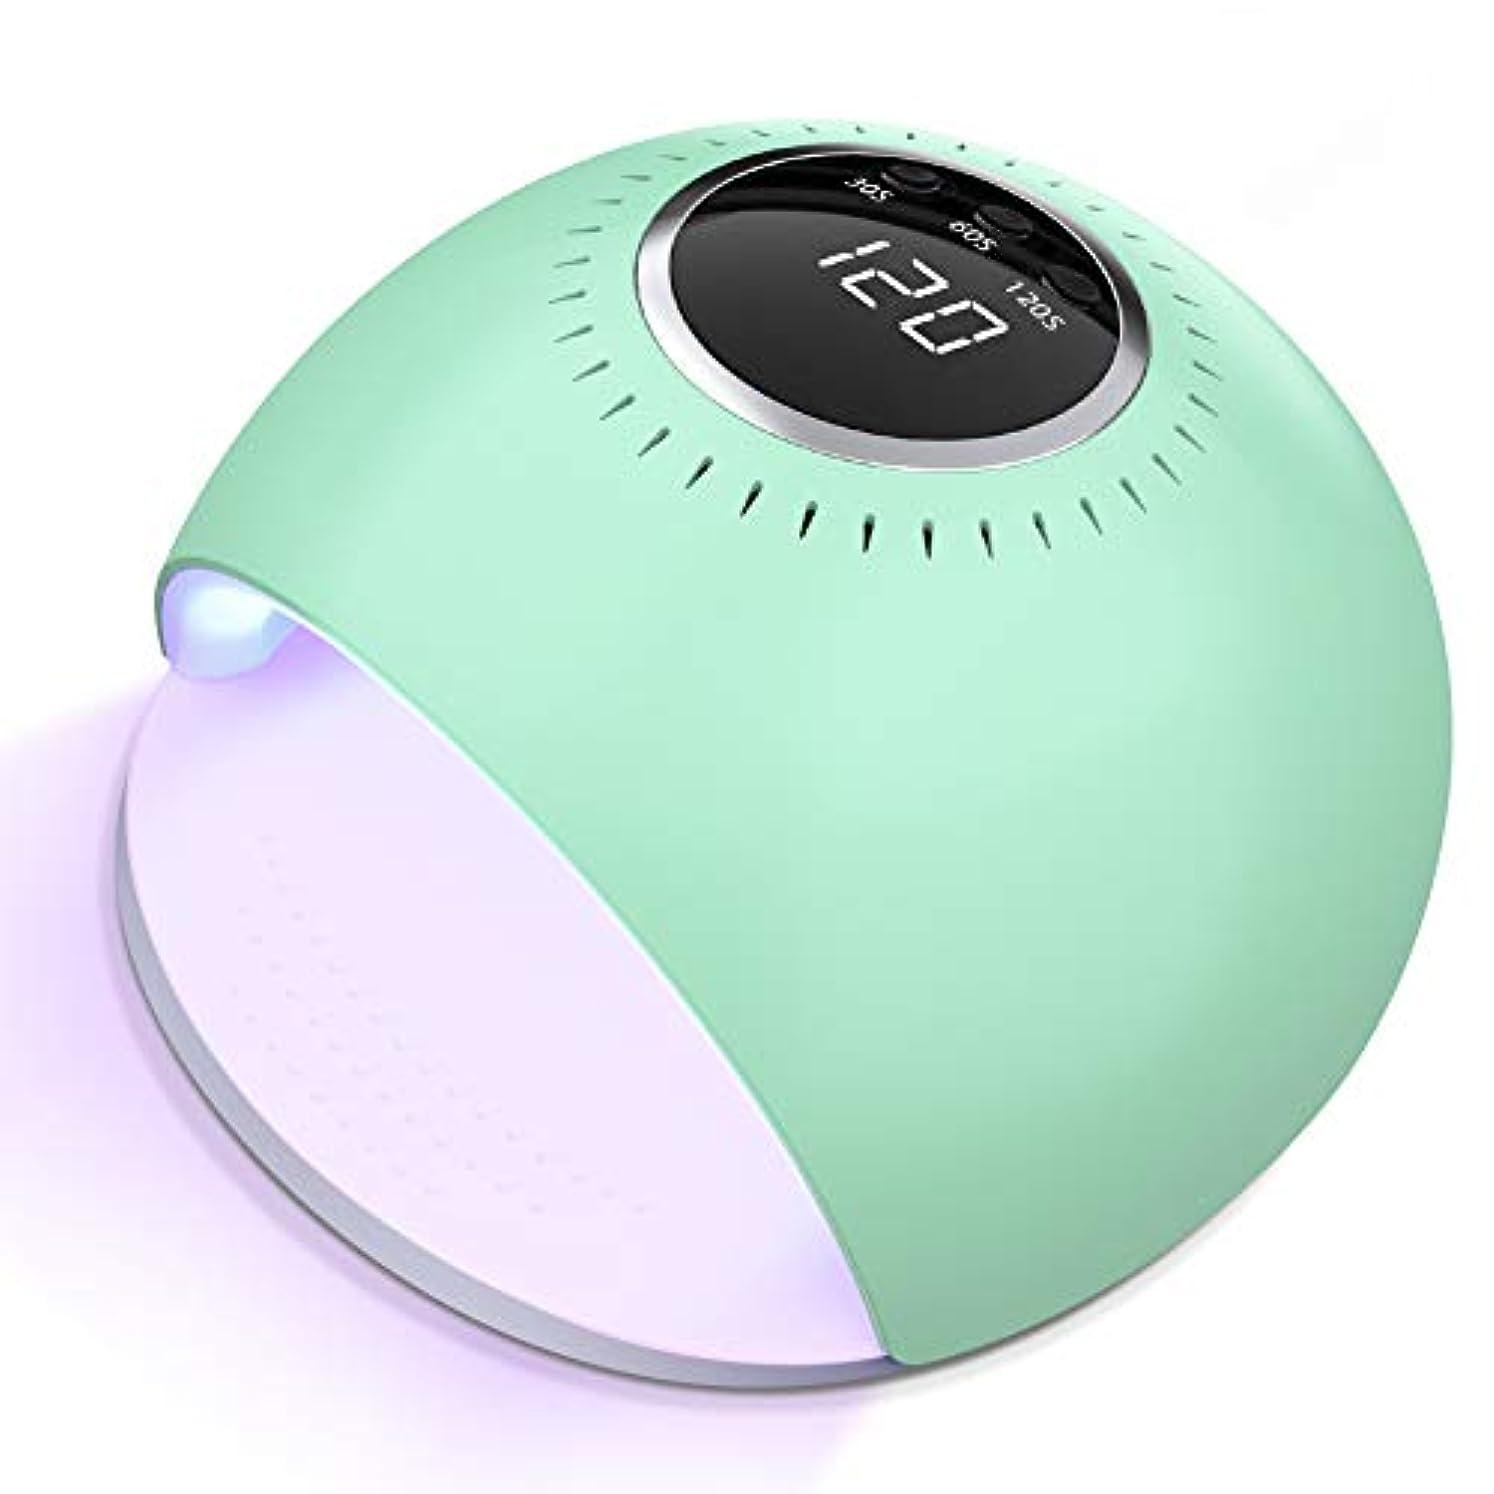 変形トロリーカニMACHITO UV LEDネイルドライヤー 84W ハイパワー 赤外線検知 UV &LEDダブルライト ジェルネイル用 硬化用 ライト 3つタイマー設定 美白 専用赤白ライト ランプ 日本語説明書付き 緑 …